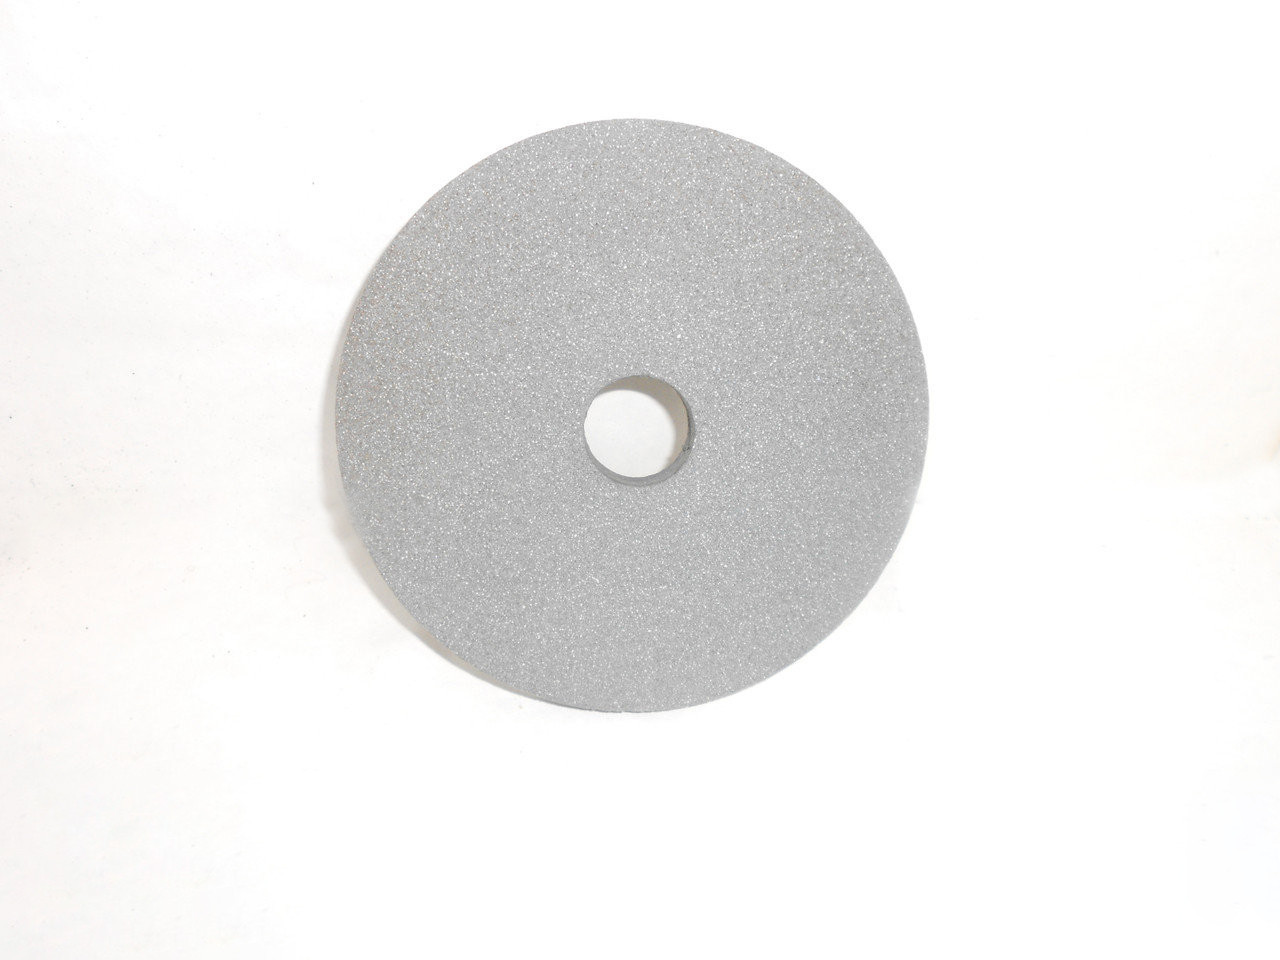 Круг шлифовальный 14А ПП 250х20х32  16-50 СМ-СТ